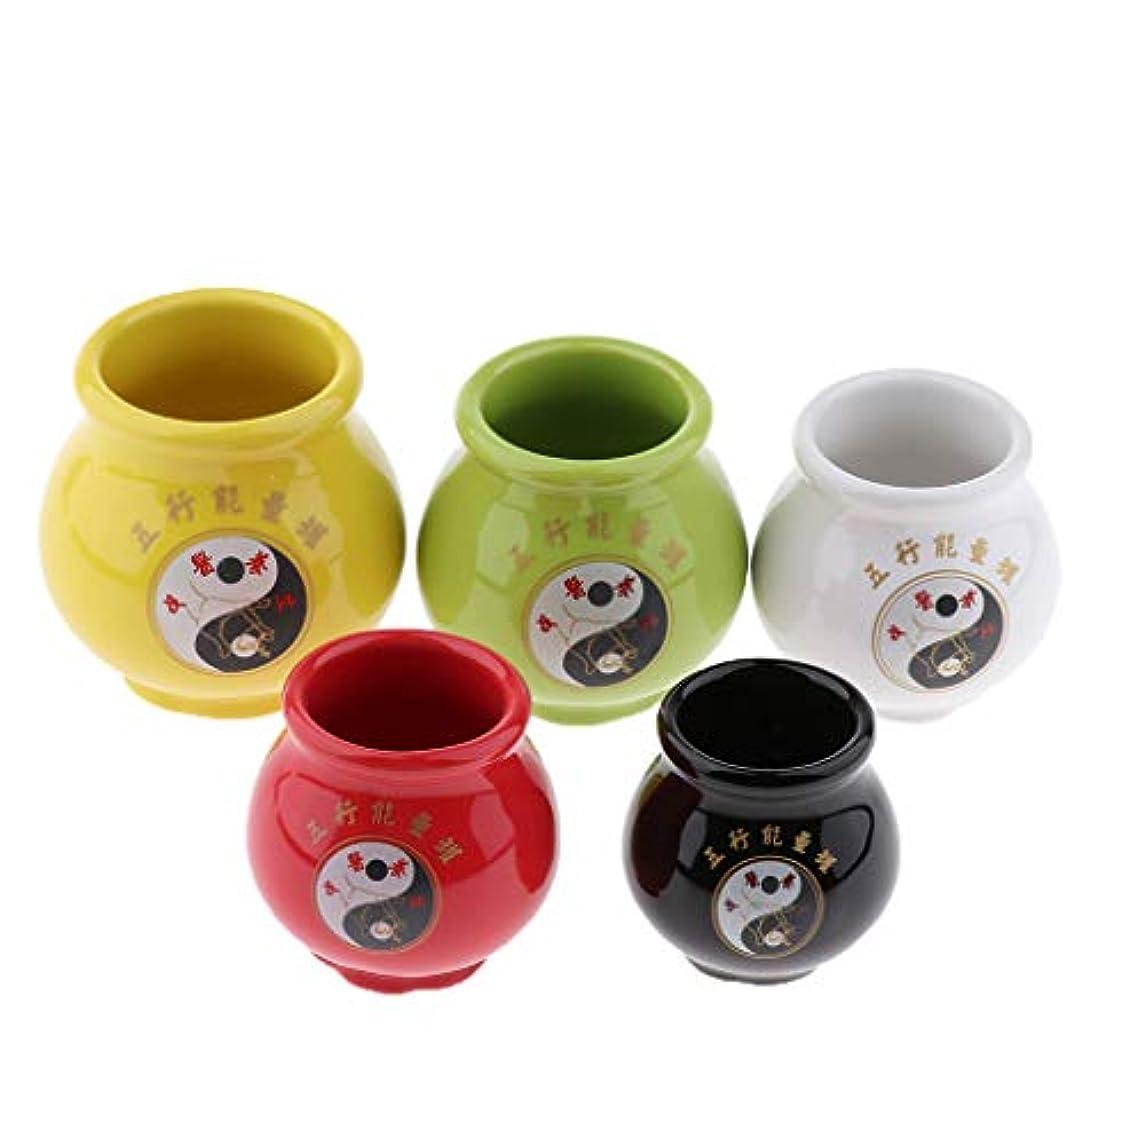 仮定製造業噂gazechimp 吸い玉カップ カッピングカップ セラミック製カッピング 真空 関節と筋肉痛救済 健康ケア 5個入